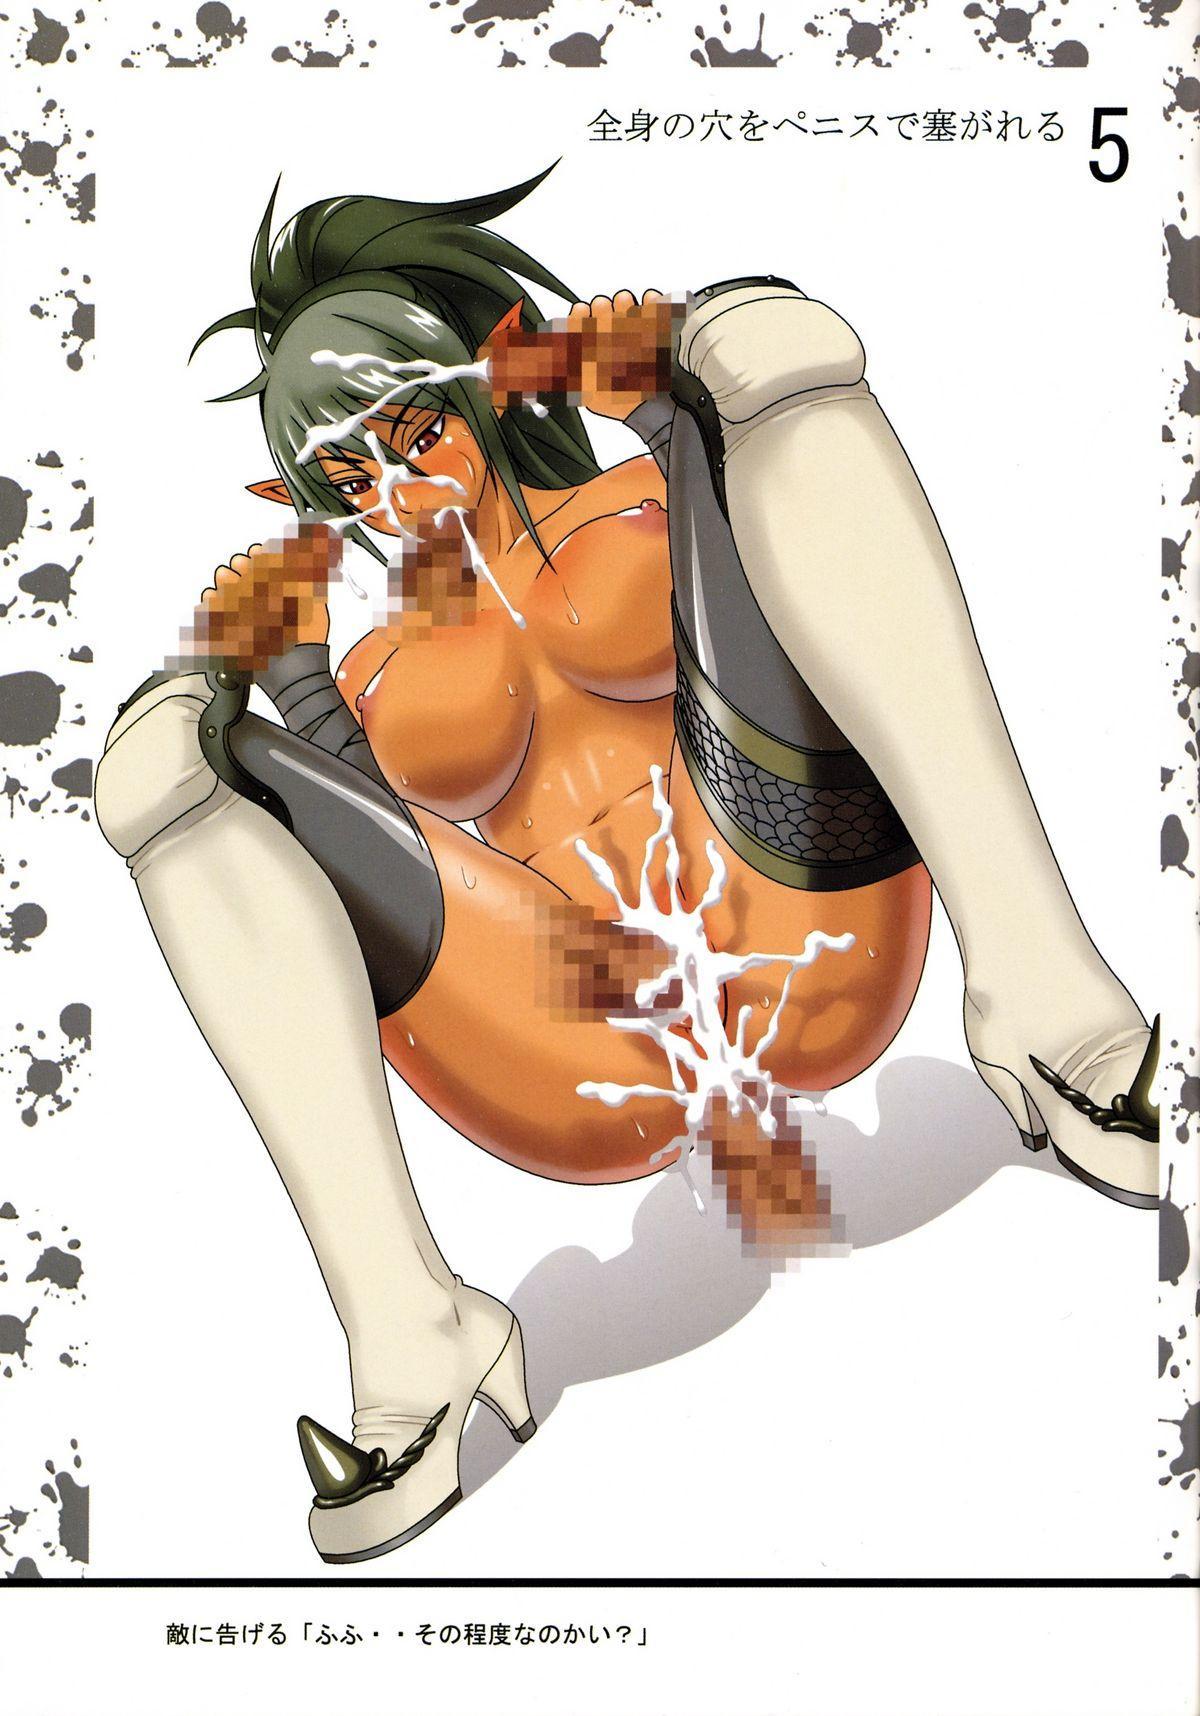 [Muchi Muchi 7] Muchi Muchi Bomber 3 (Queen's Blade) Hi-res 6